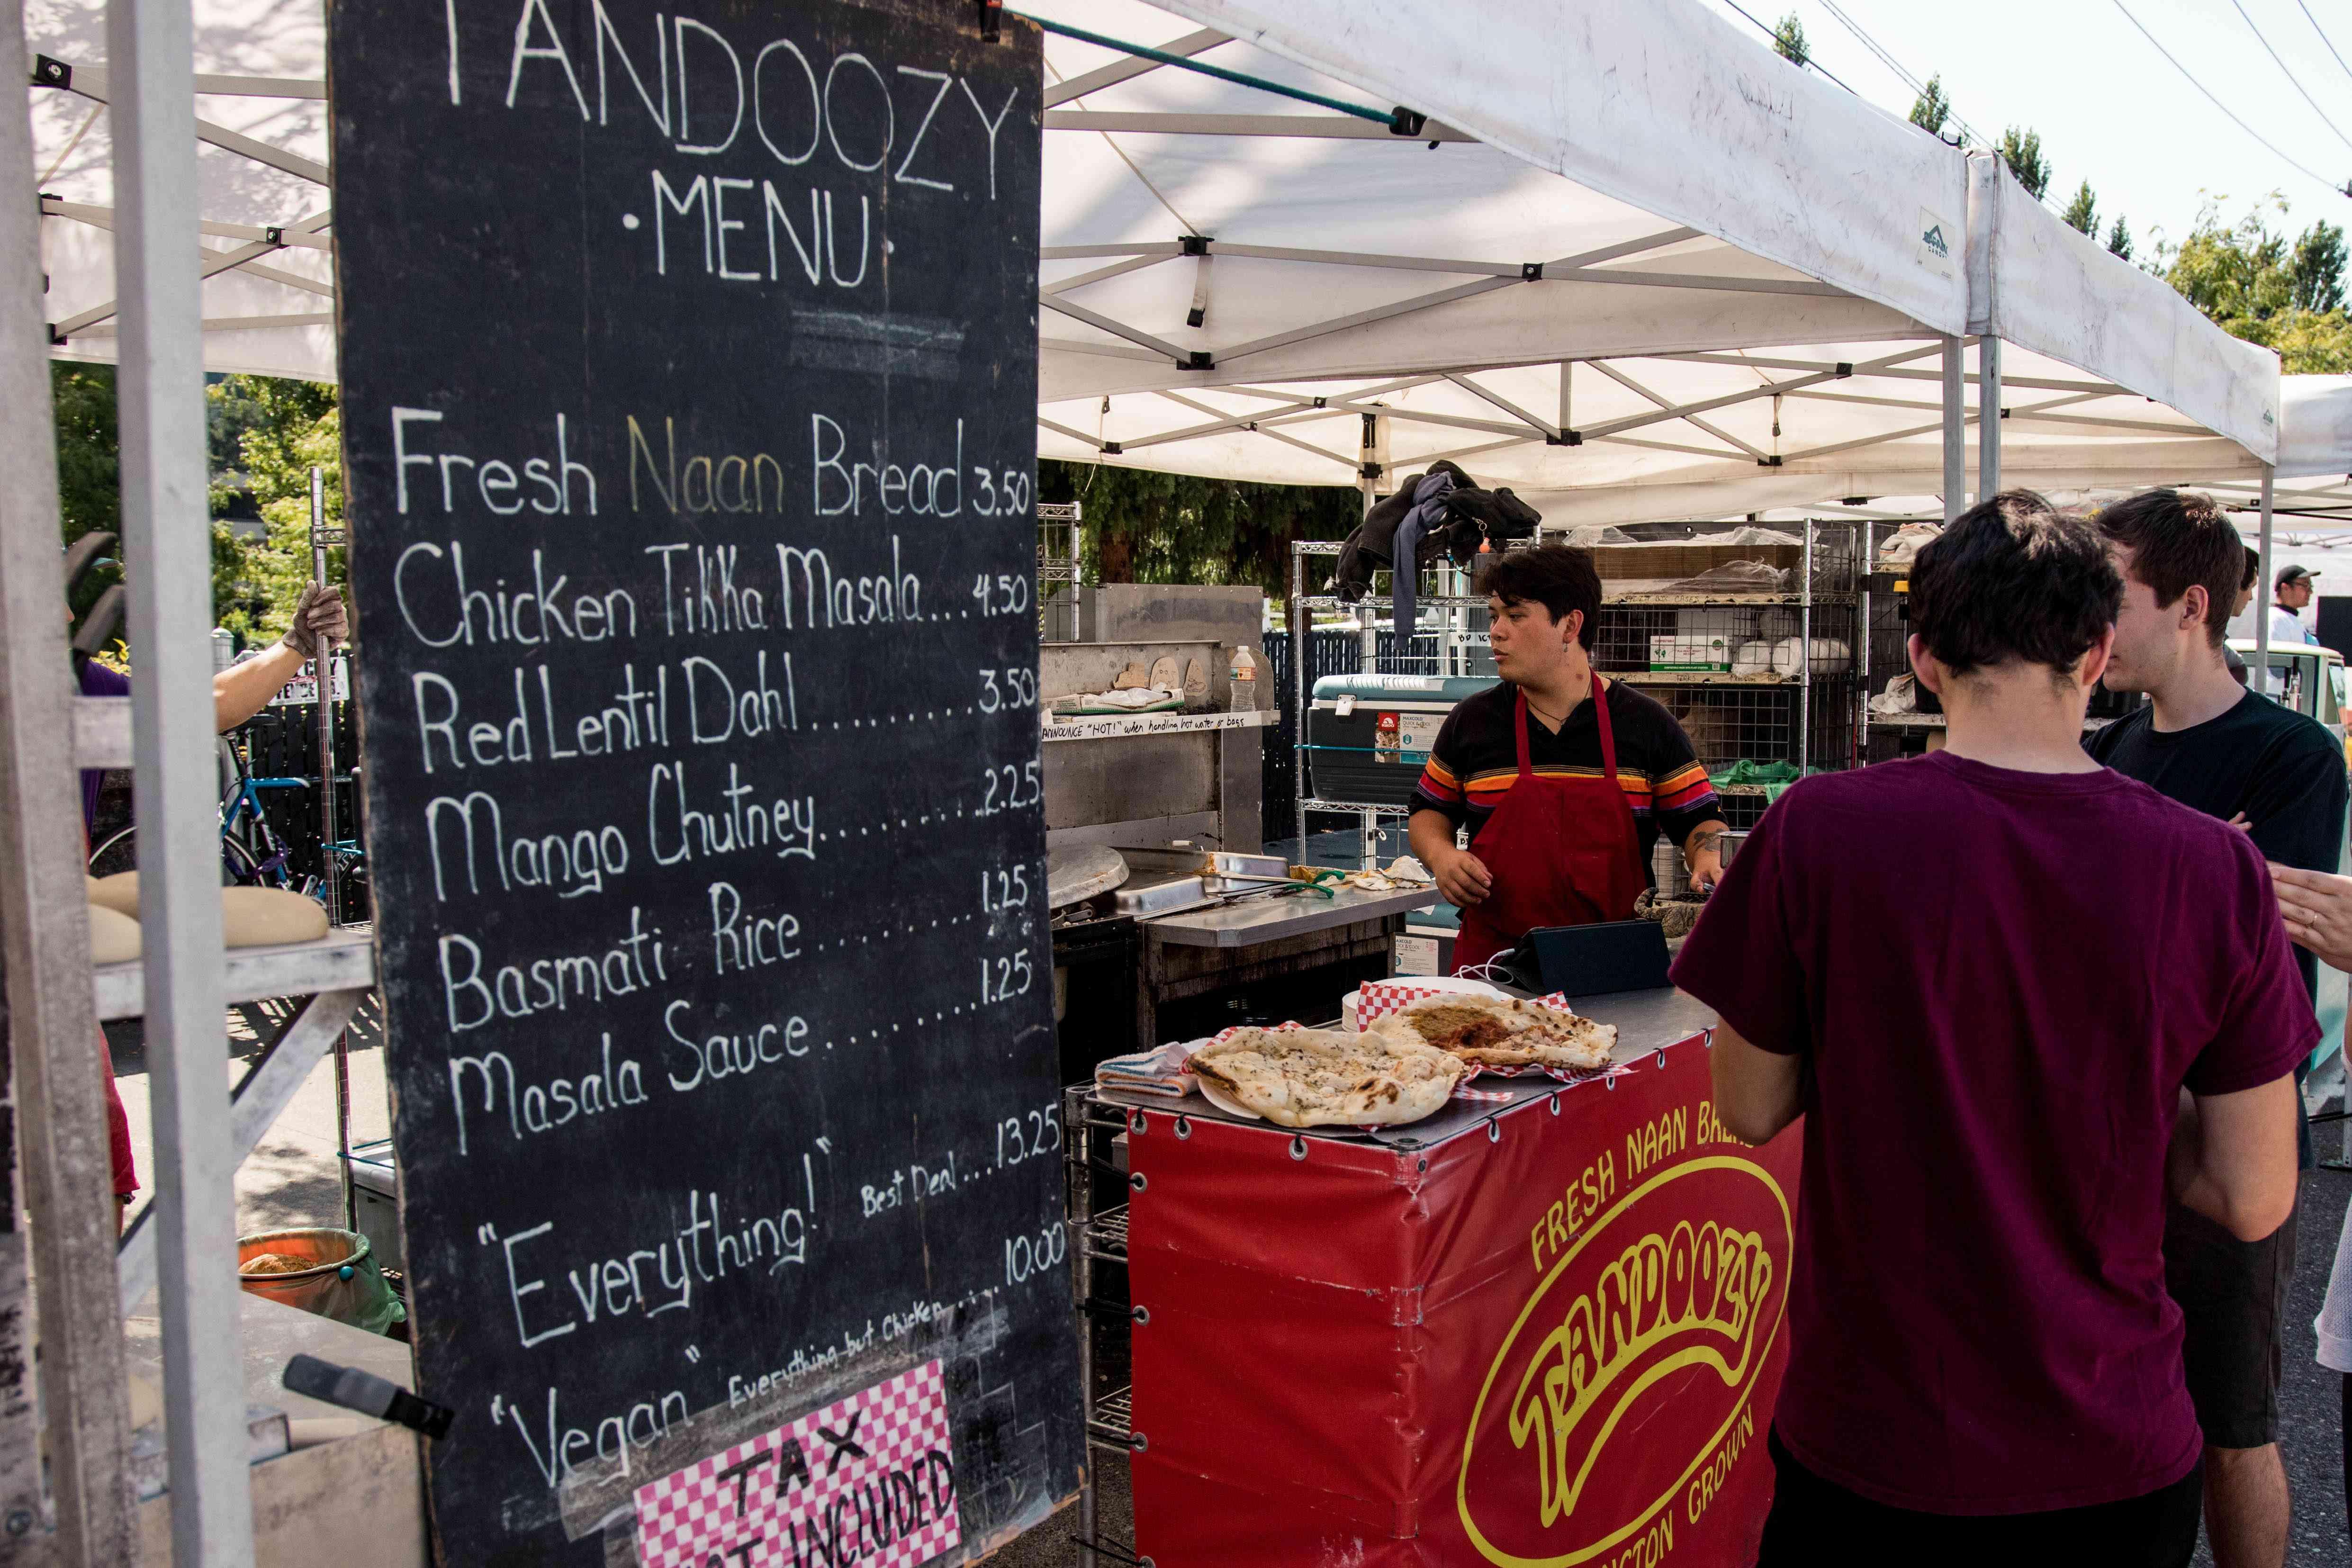 Fremont Sunday Market in Seattle, Washington